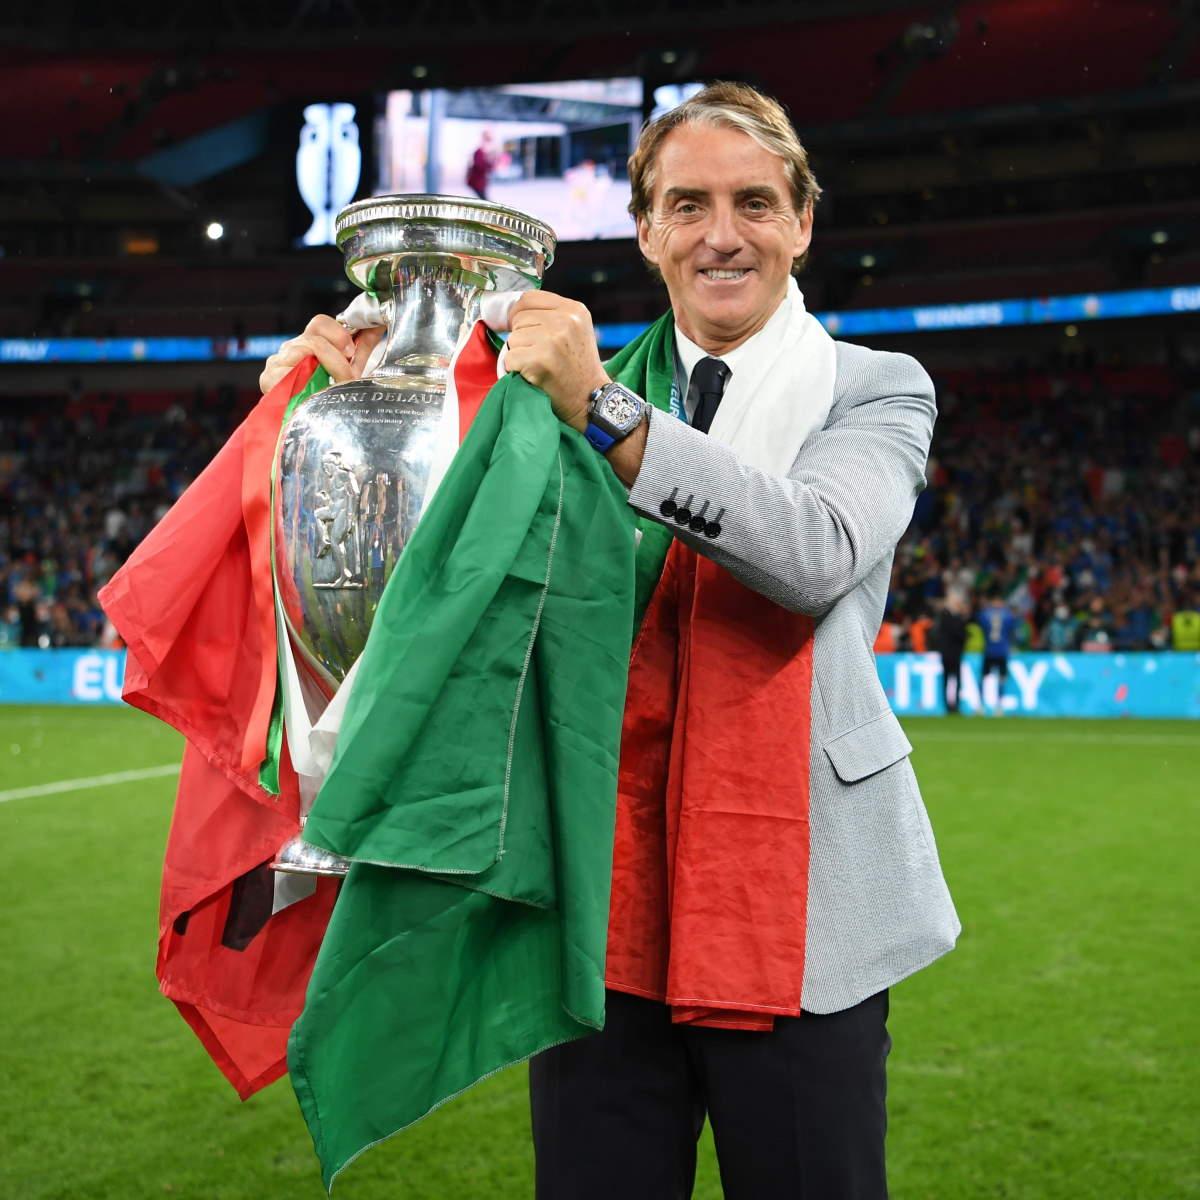 Dopo l'1-1 ai tempi supplementari l'Italia batte l'Inghilterra 3-2 ai rigori e conquista Euro 2020